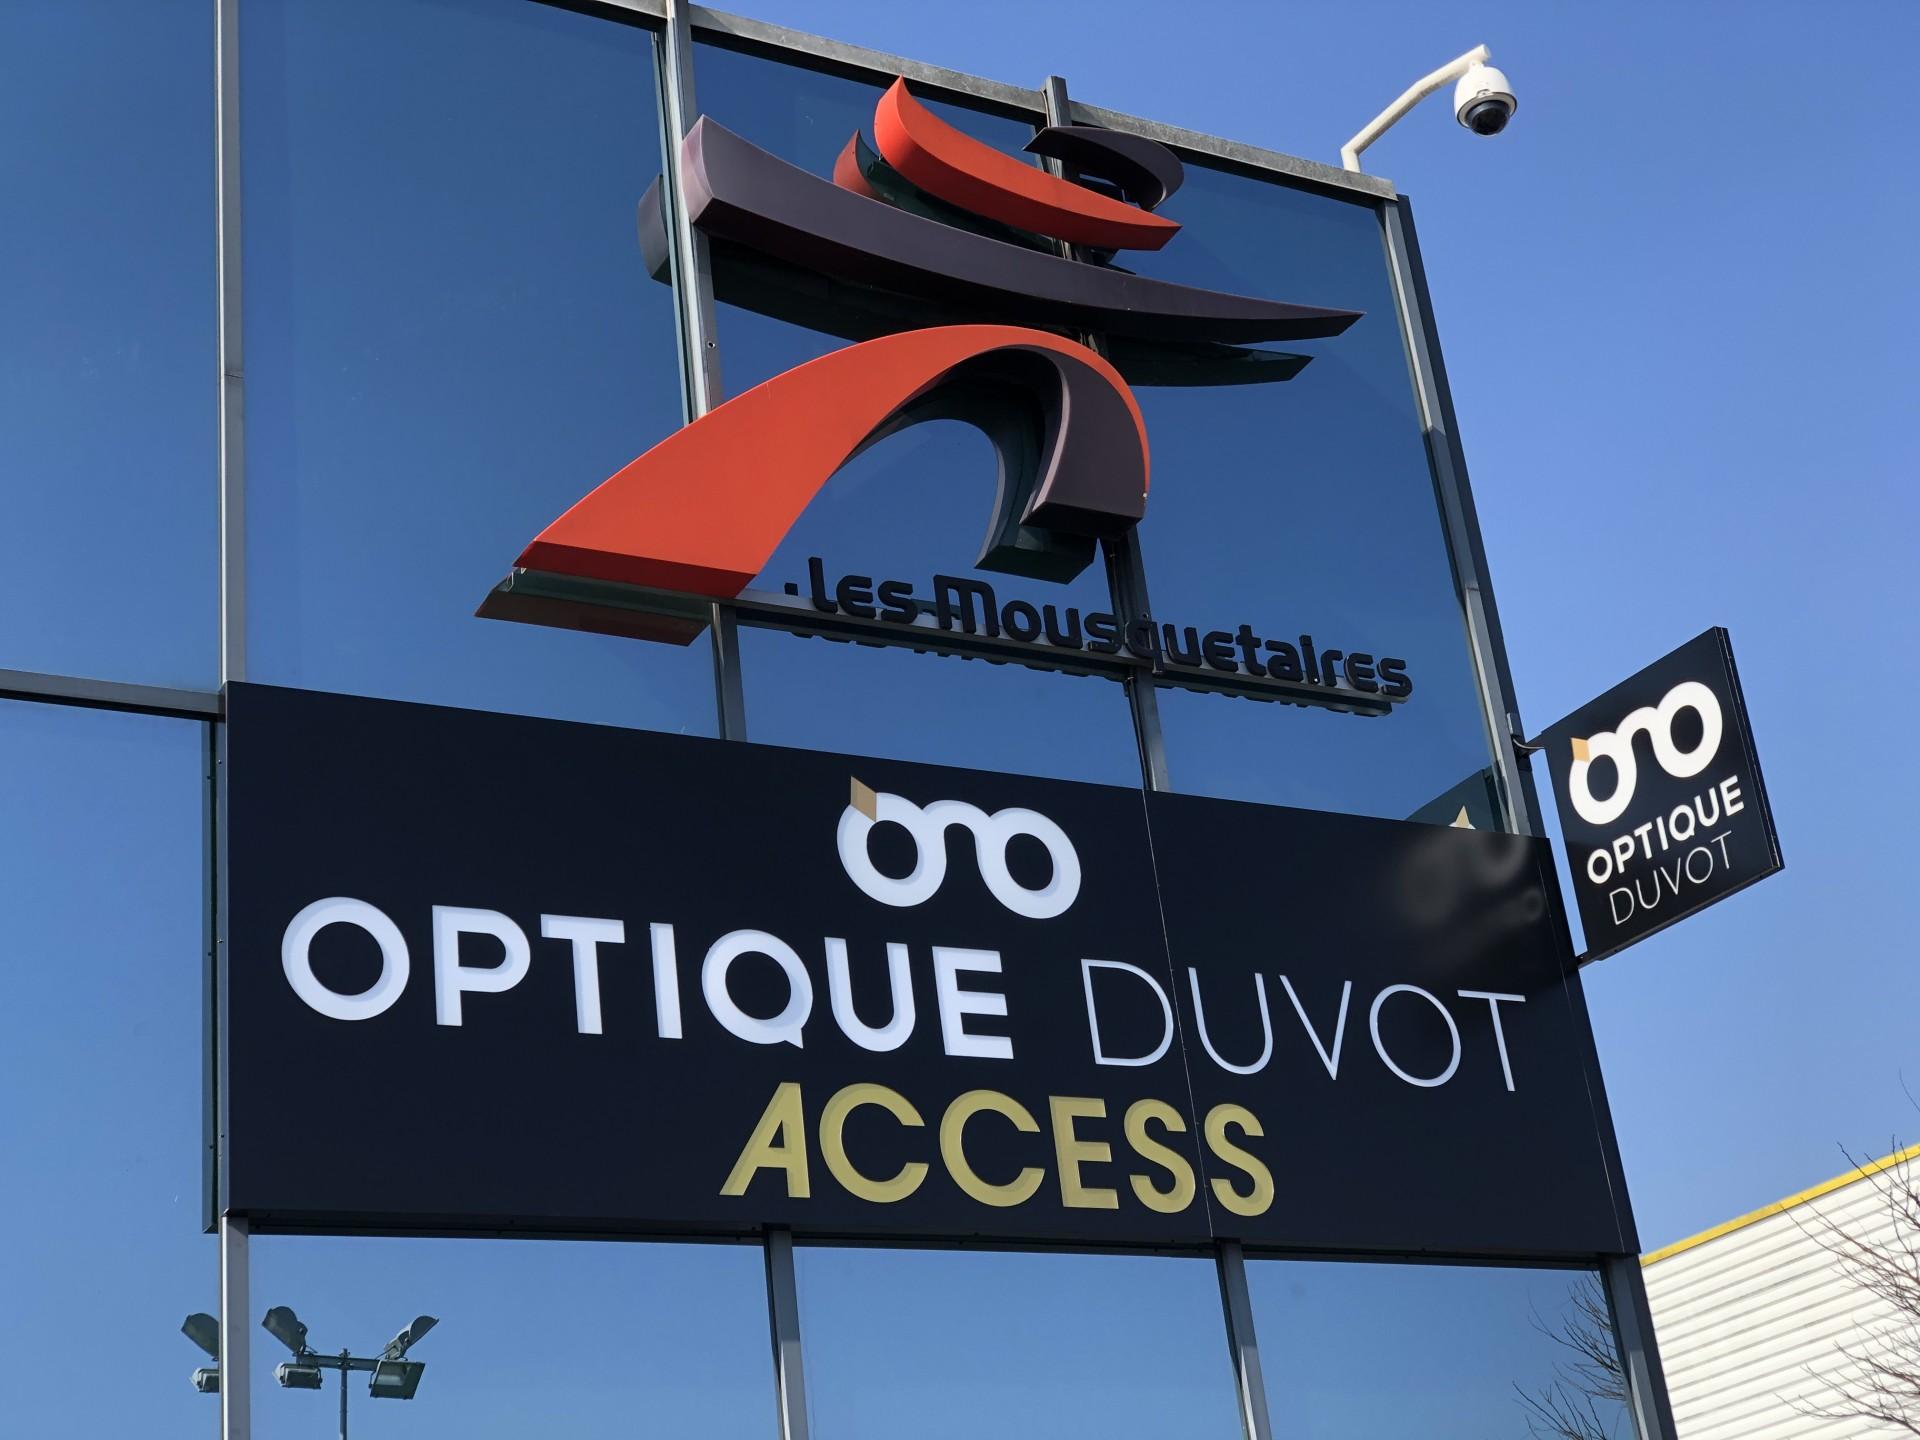 Optique Duvot Naintre